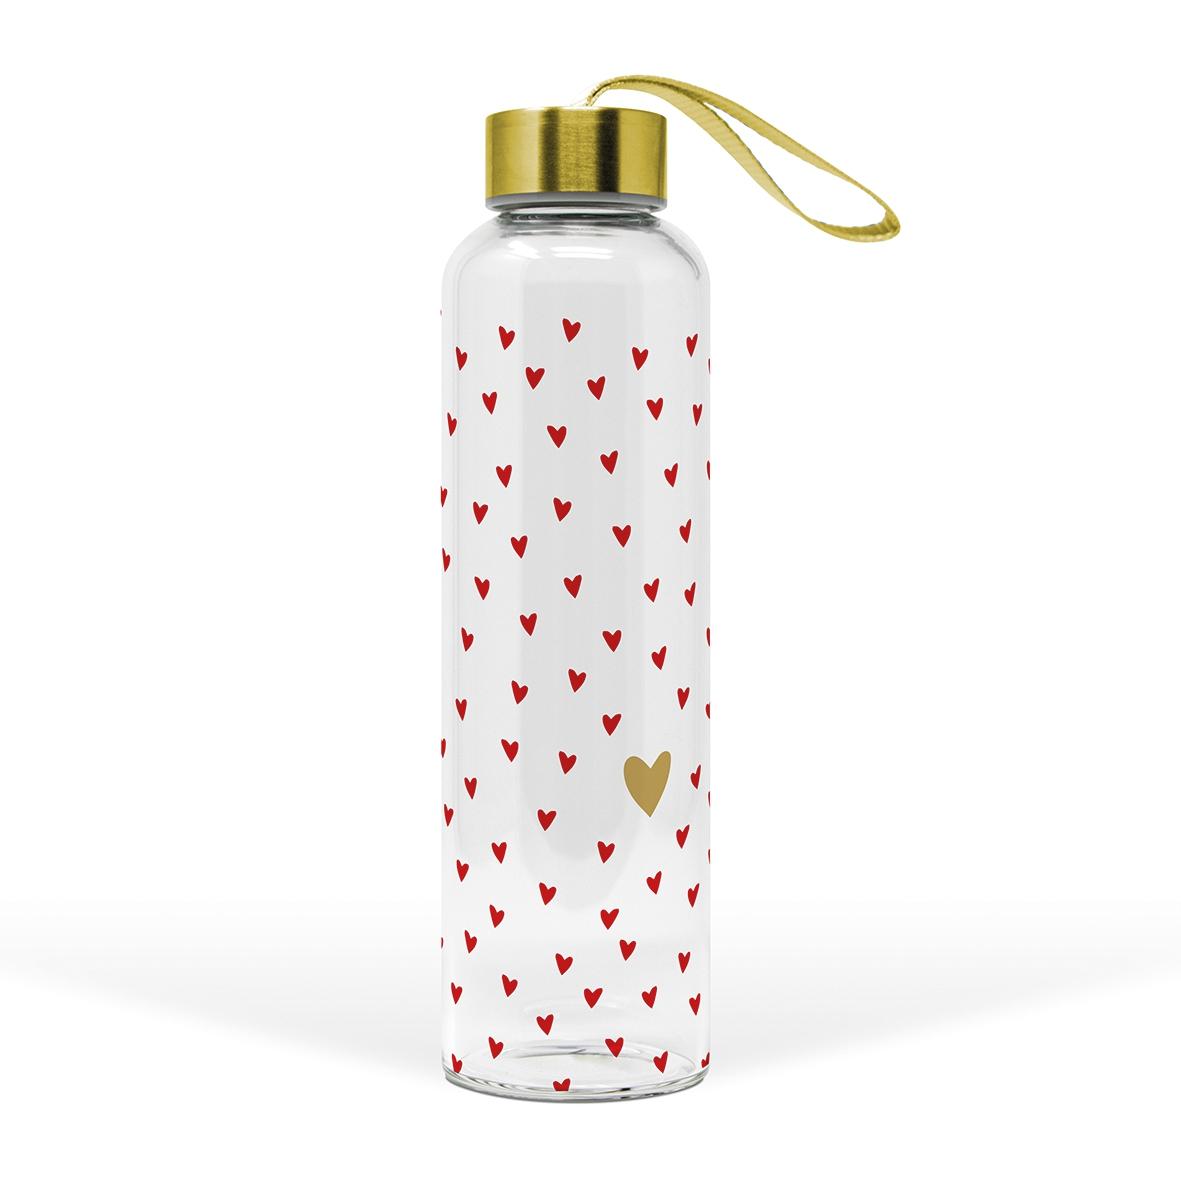 Glasflasche - Kleine Herzen echtes Gold